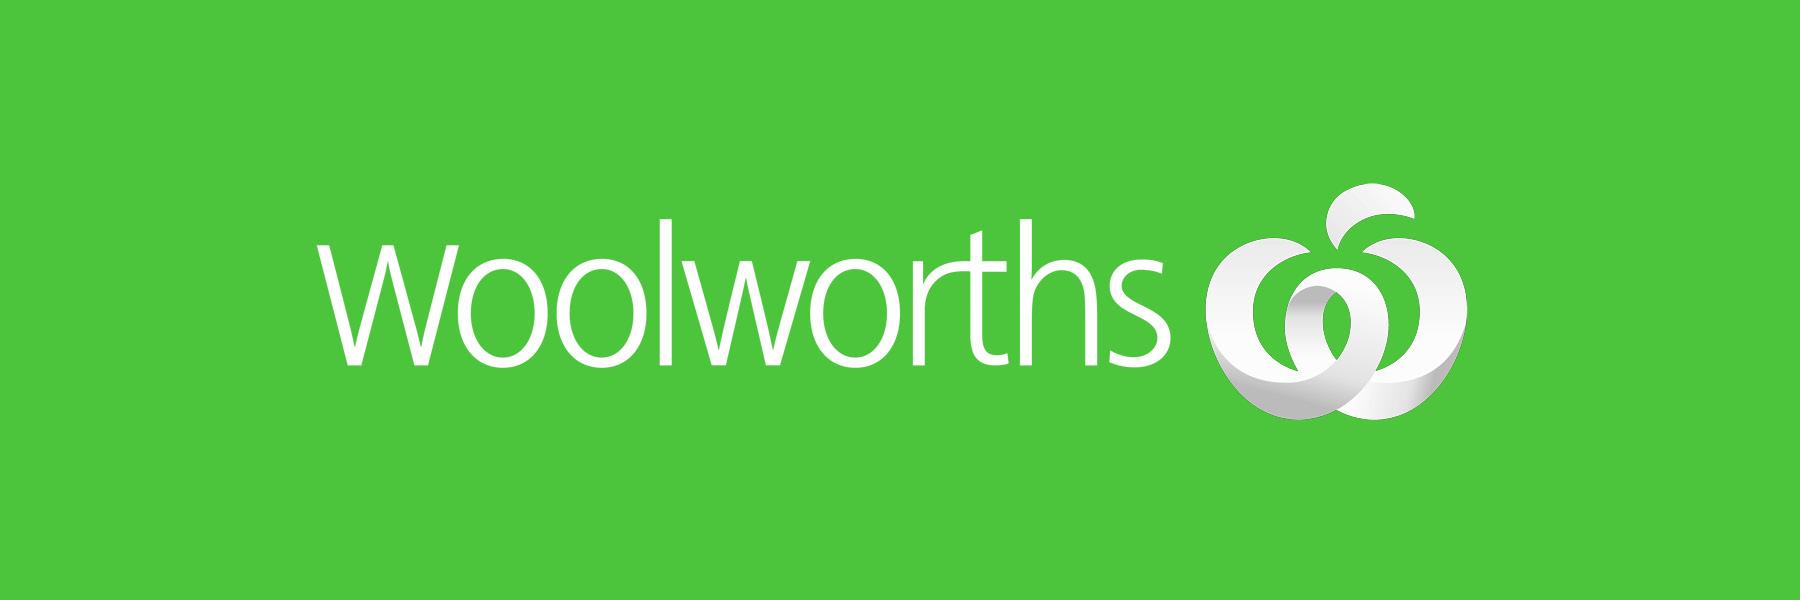 woolworths-testimonial.jpg